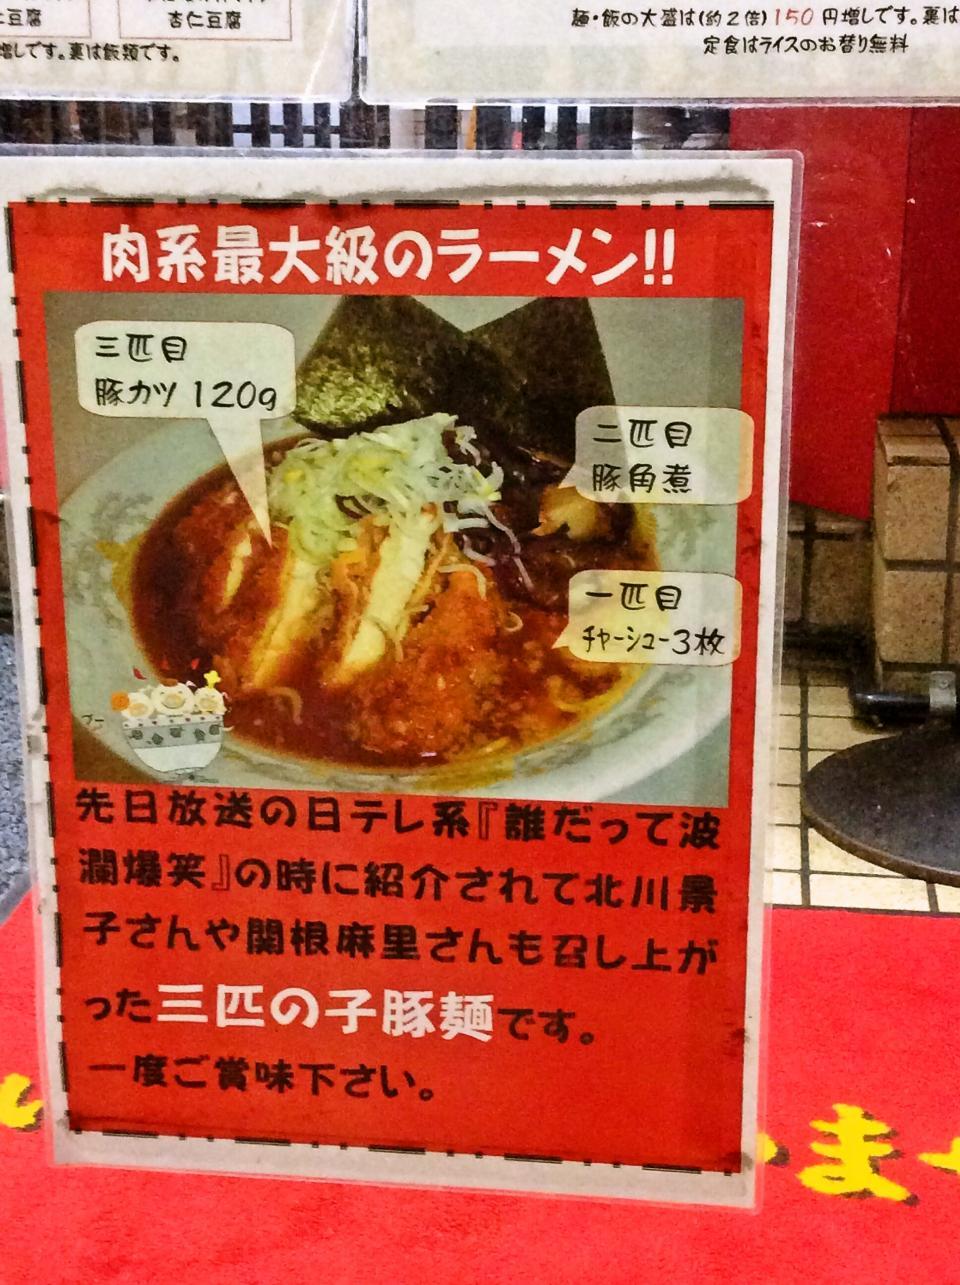 お肉屋さんのラーメン家生治ミート(店舗)